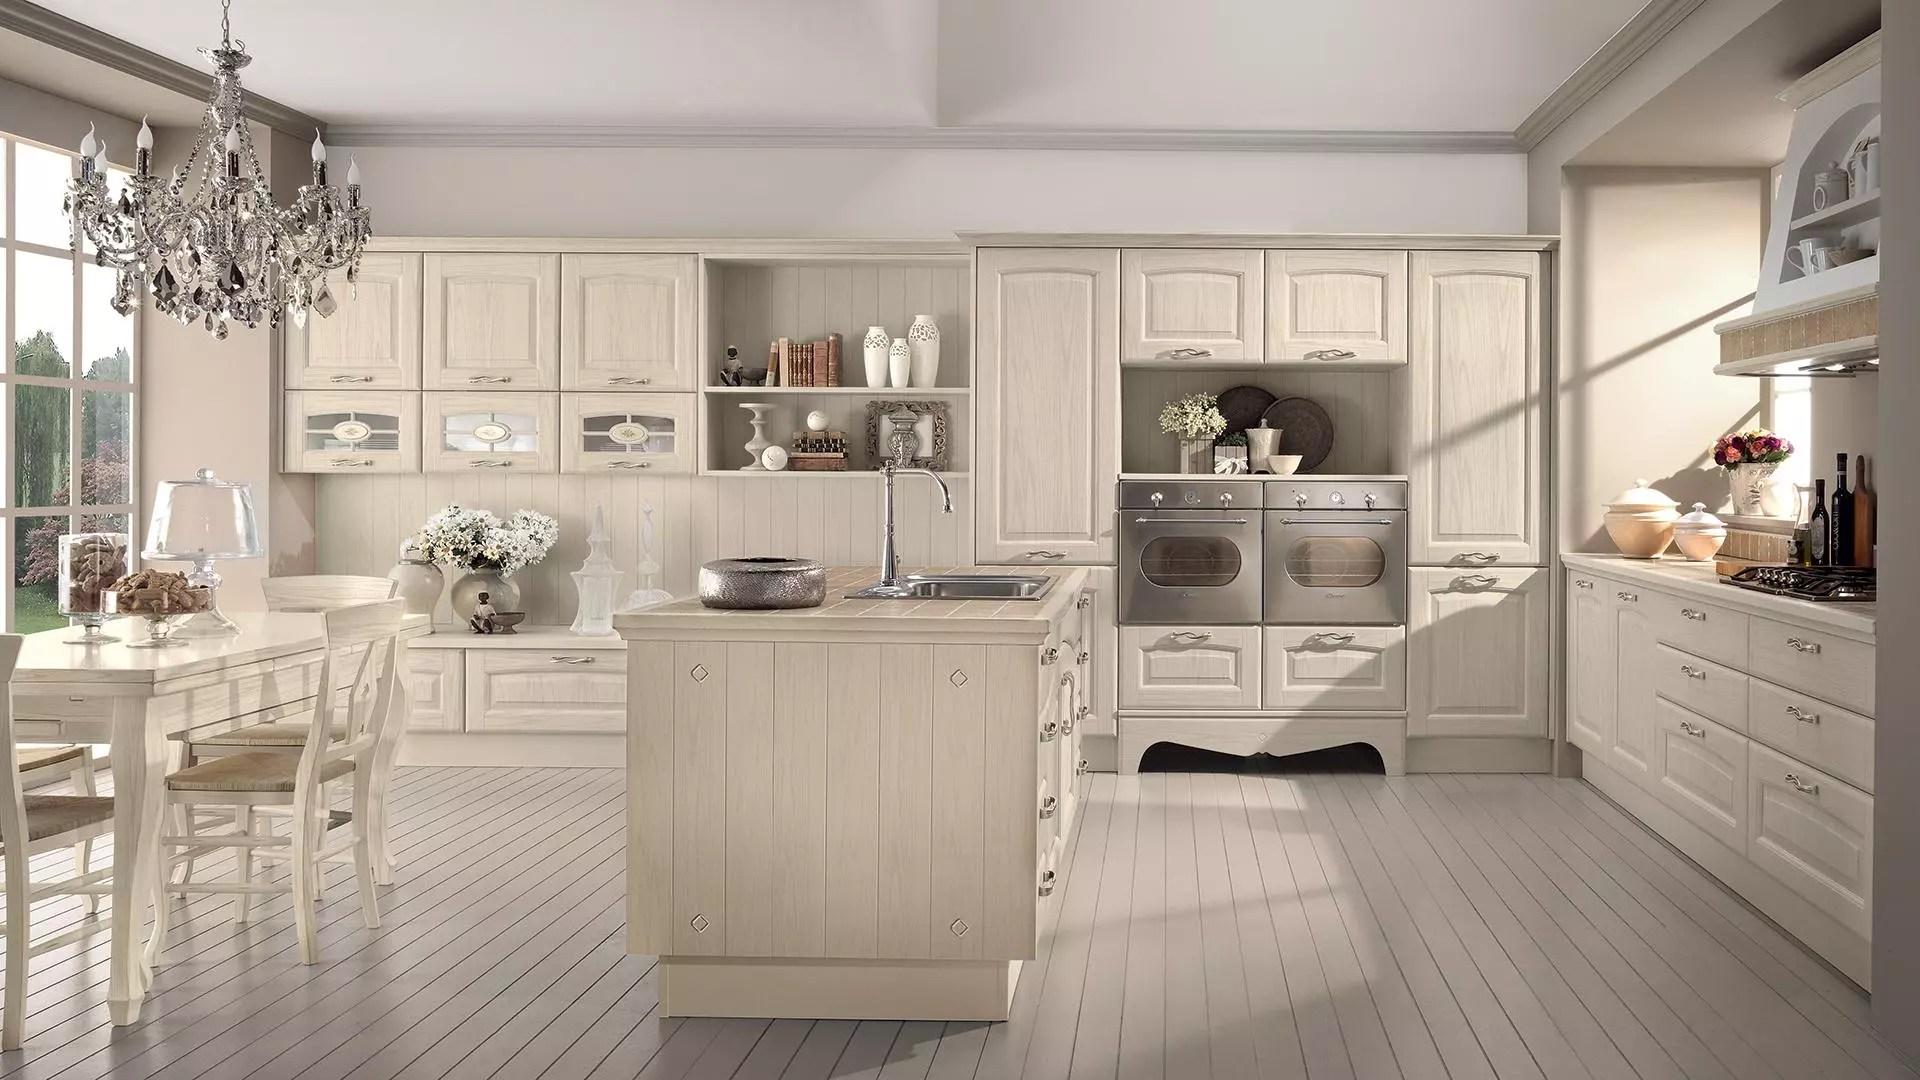 Cucina rustica le soluzioni classiche di Lube Store per arredare  Lube Store Milano  Le